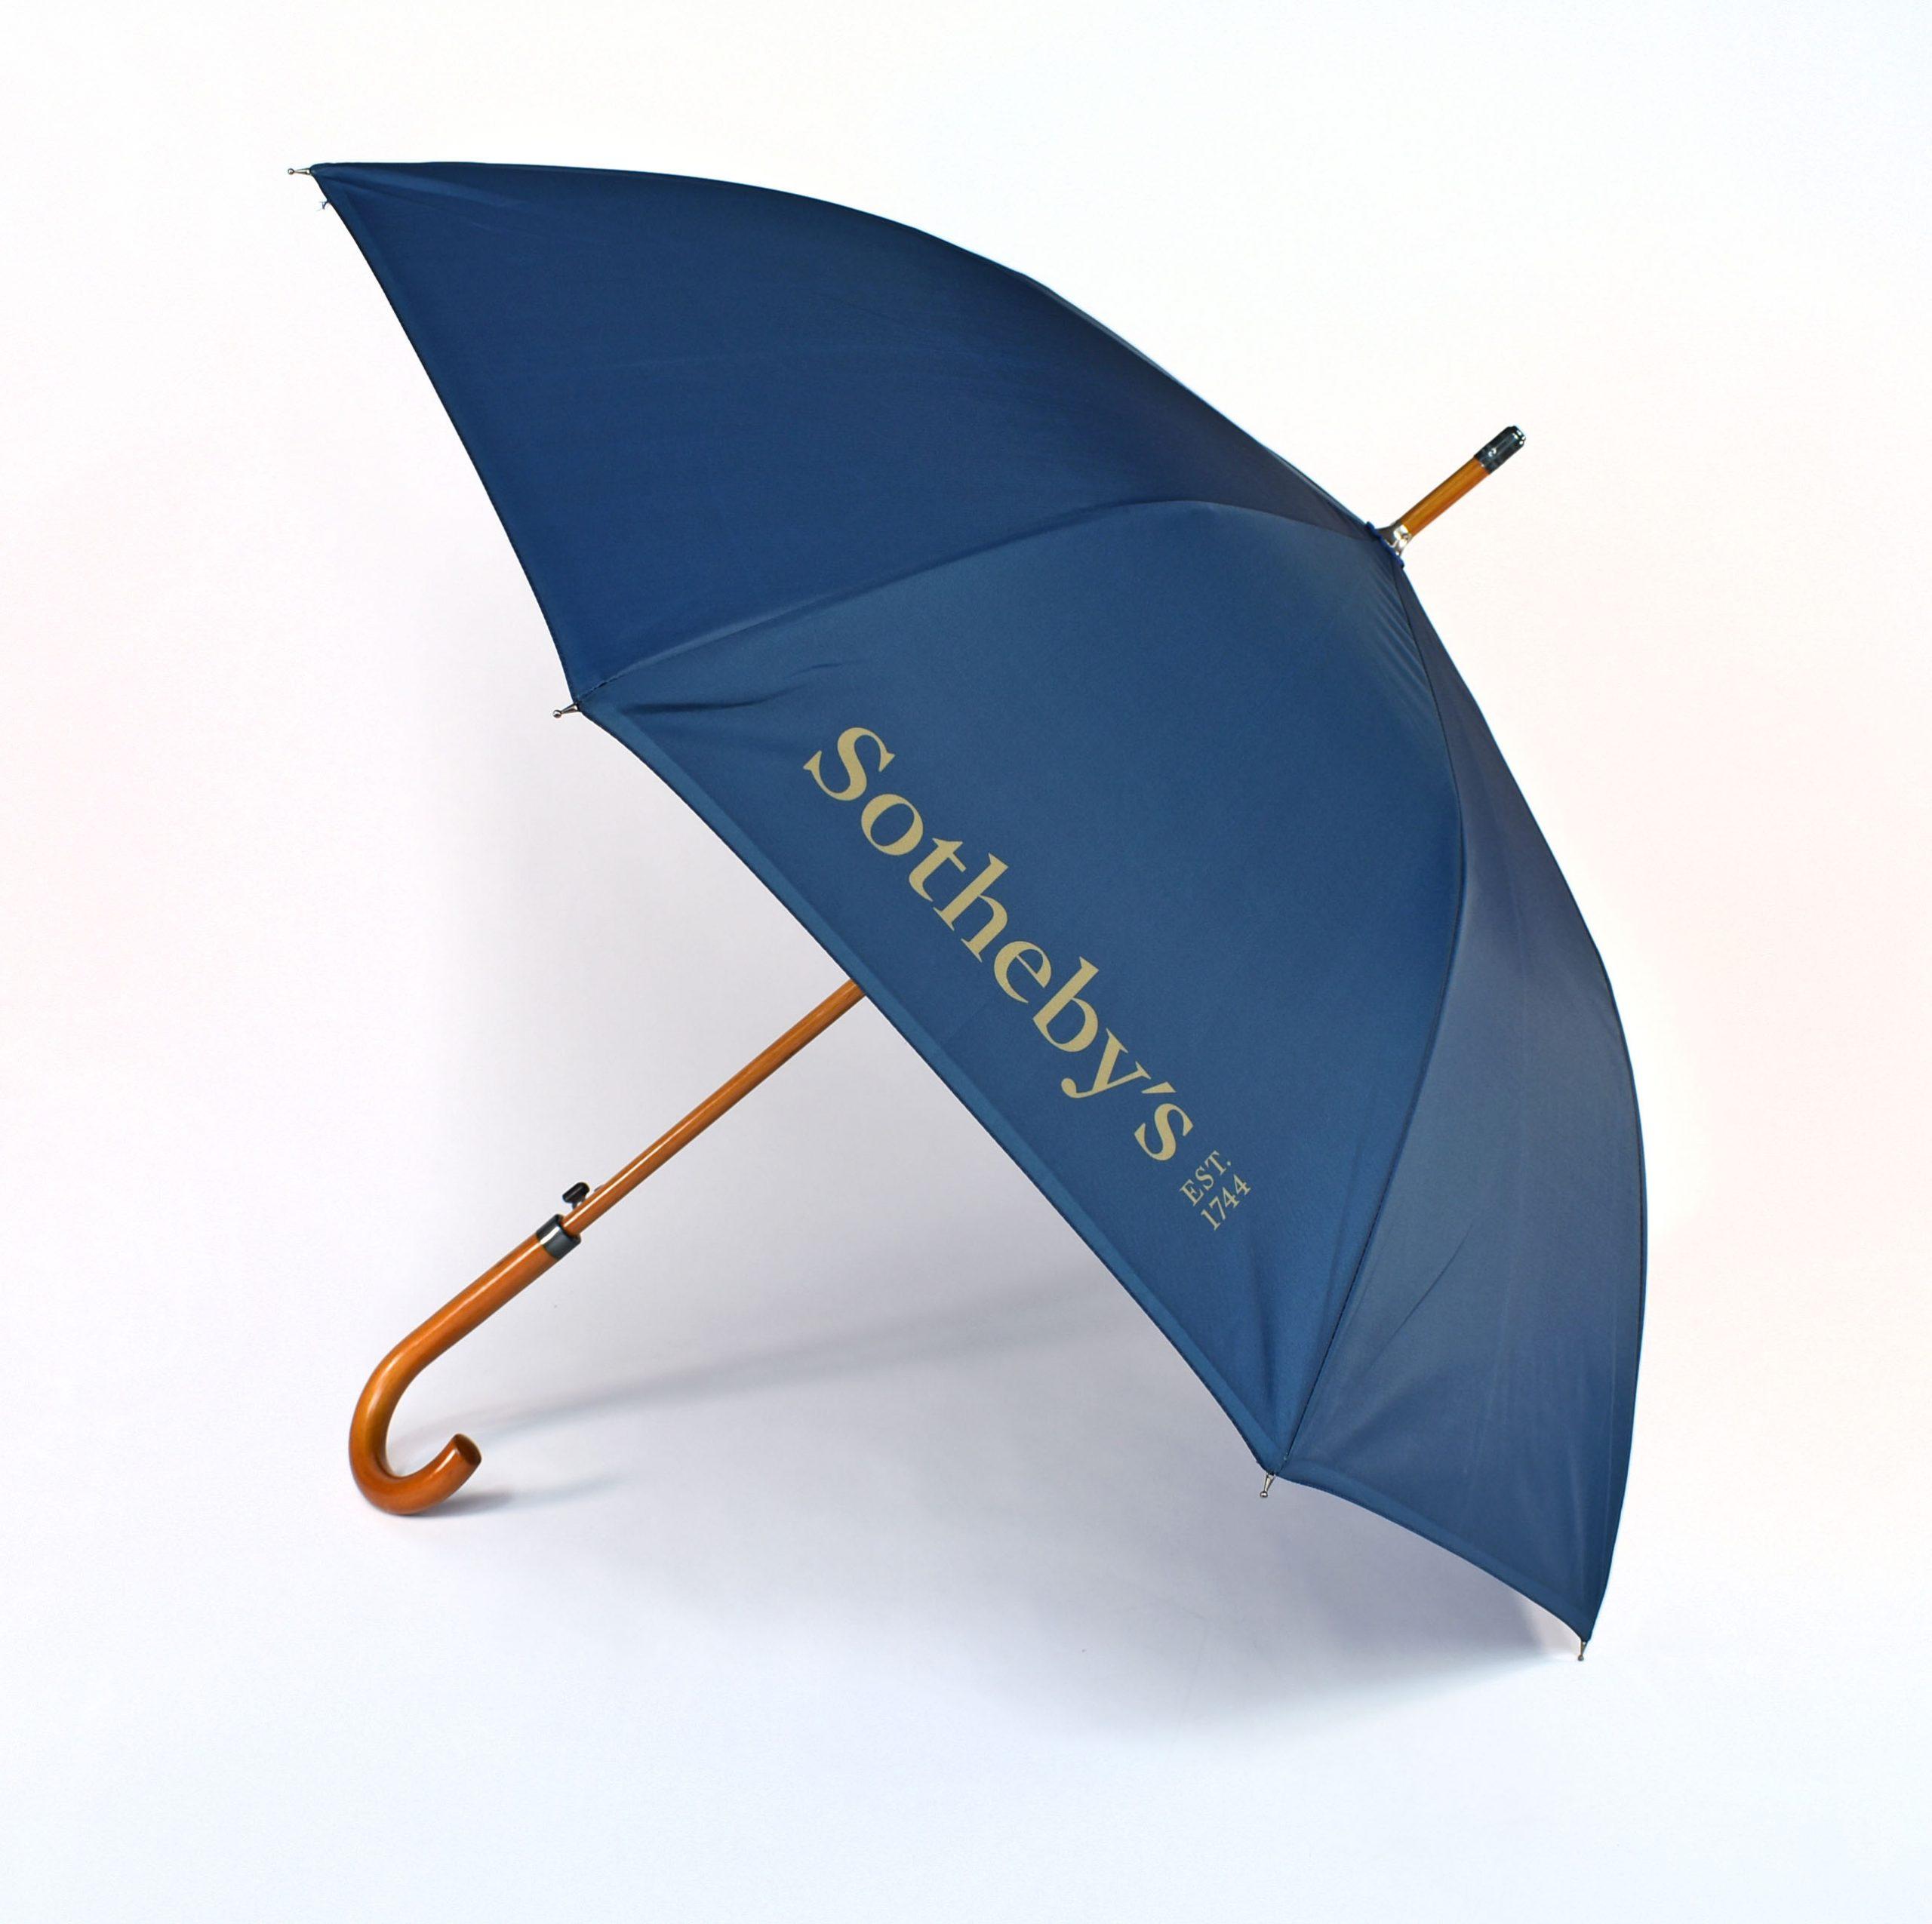 Sotherbys Branded Umbrella